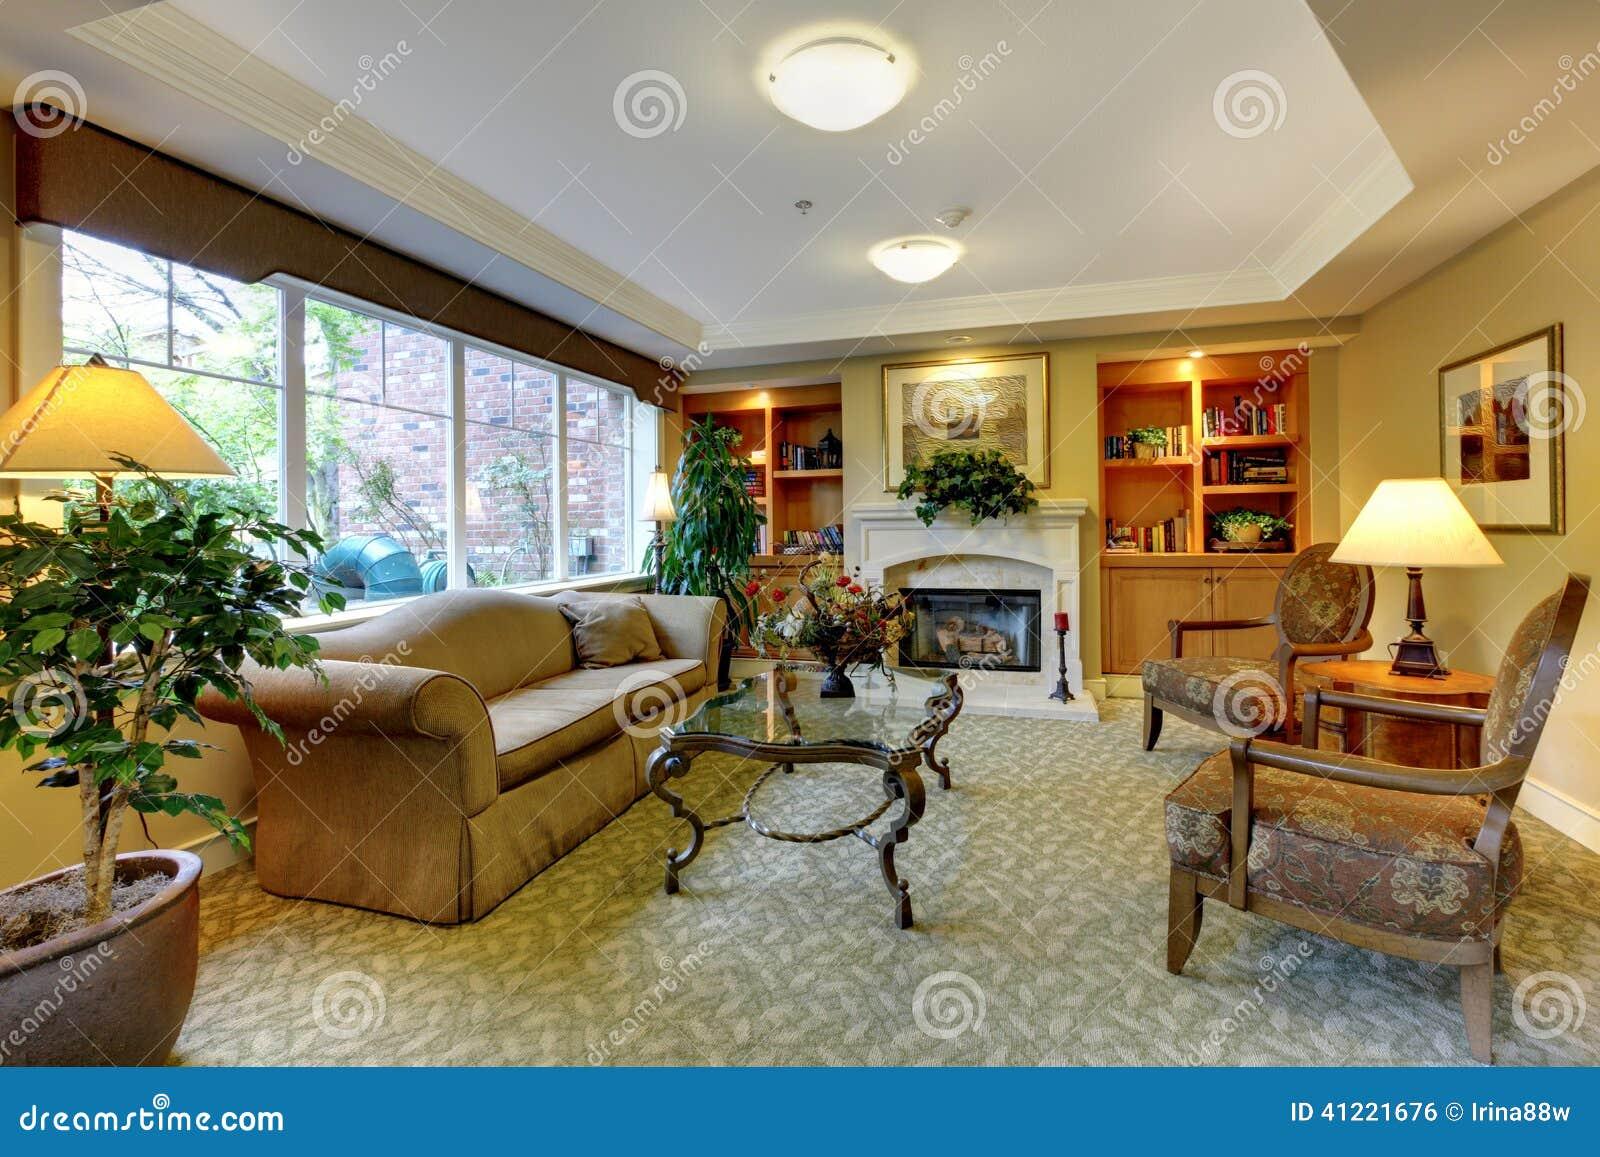 Wohnzimmer Mit Antiken Mobeln Und Kamin Stockfoto Bild Von